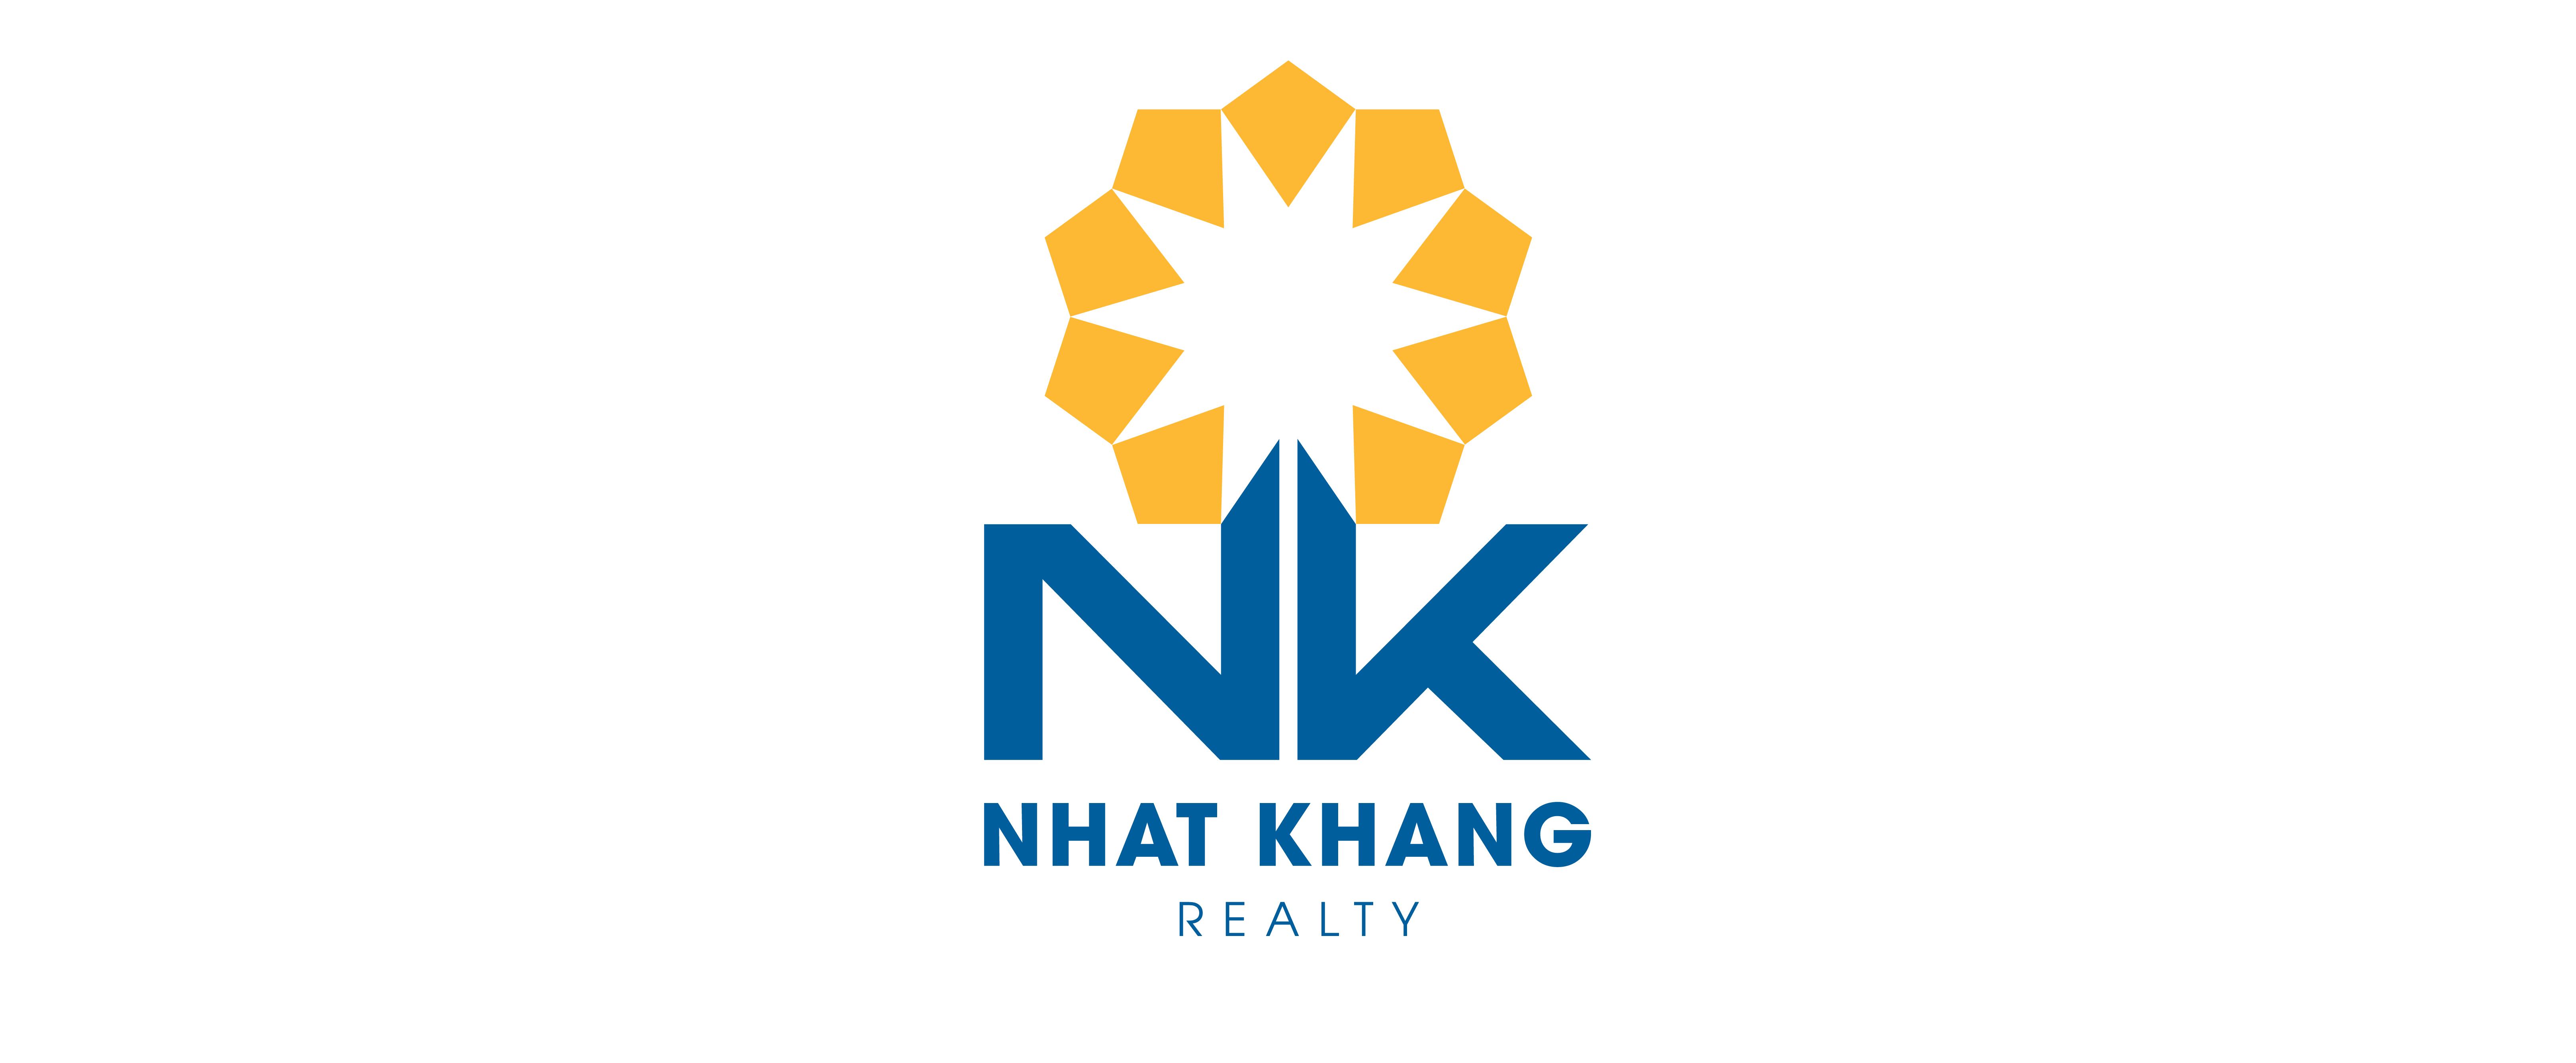 Nhật Khang Realty là công ty nào